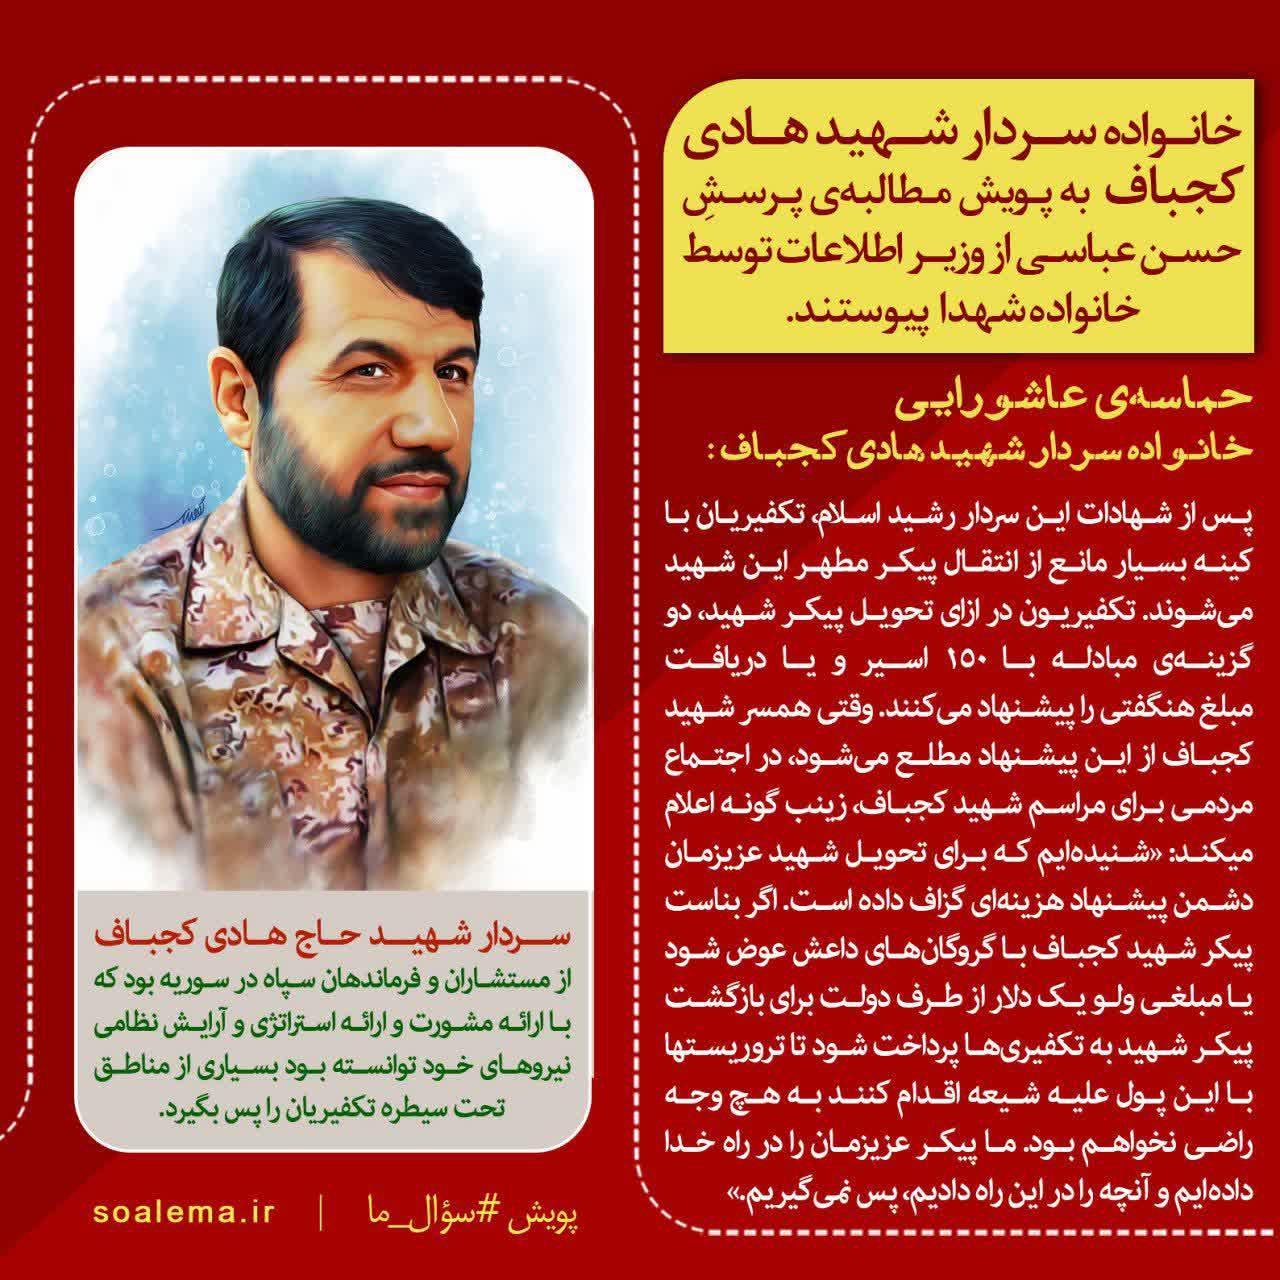 http://dl-abbasi.ir/yekta/1398/Graphic/Shohada/Shakhes9.jpg